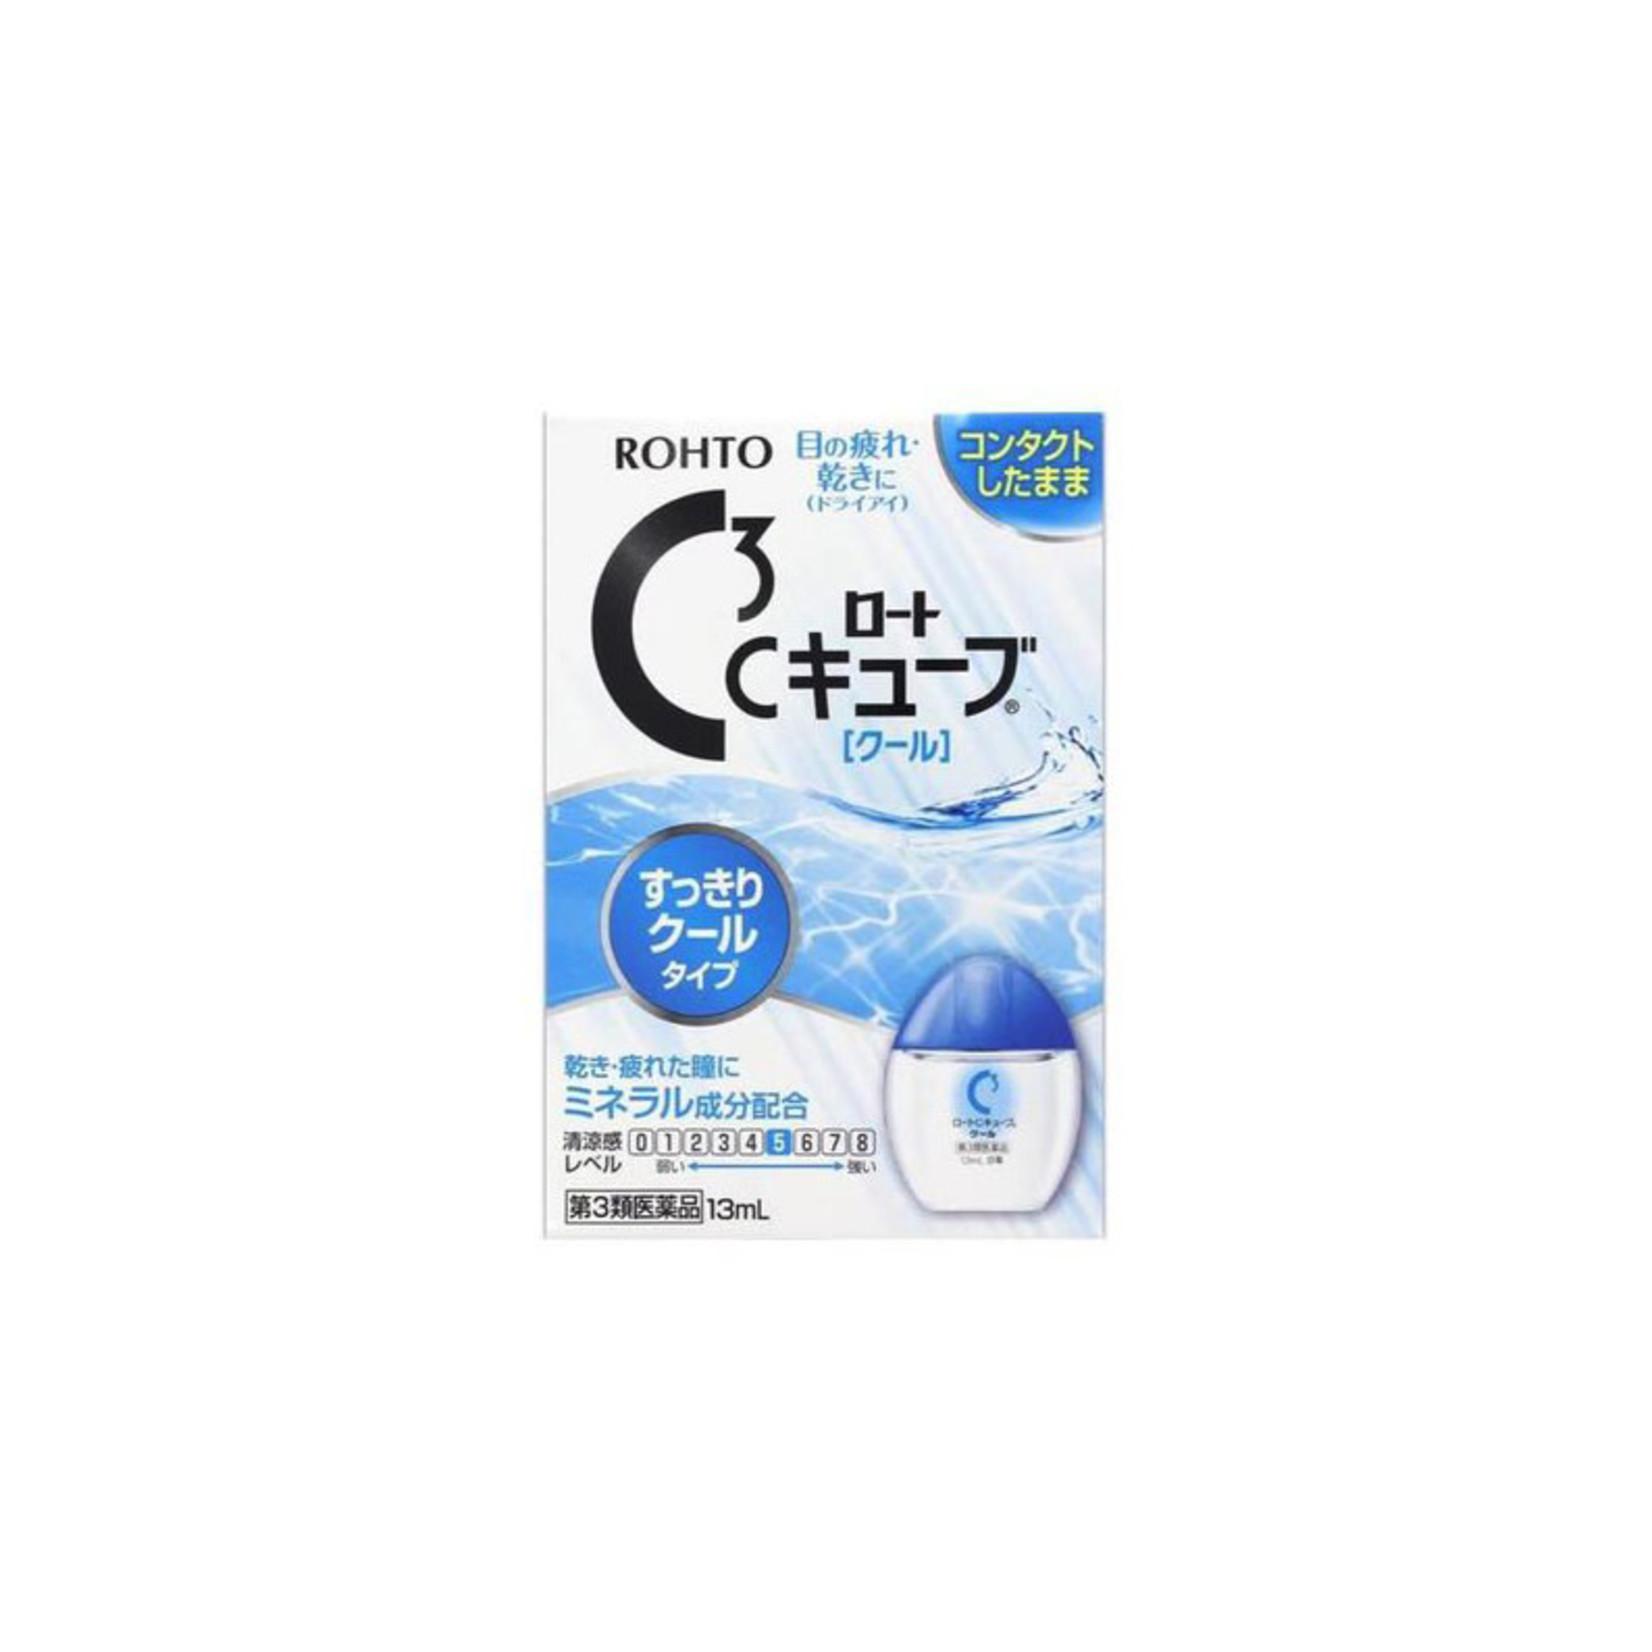 Rohto Rohto C Cube Cool Contact Eye Drops